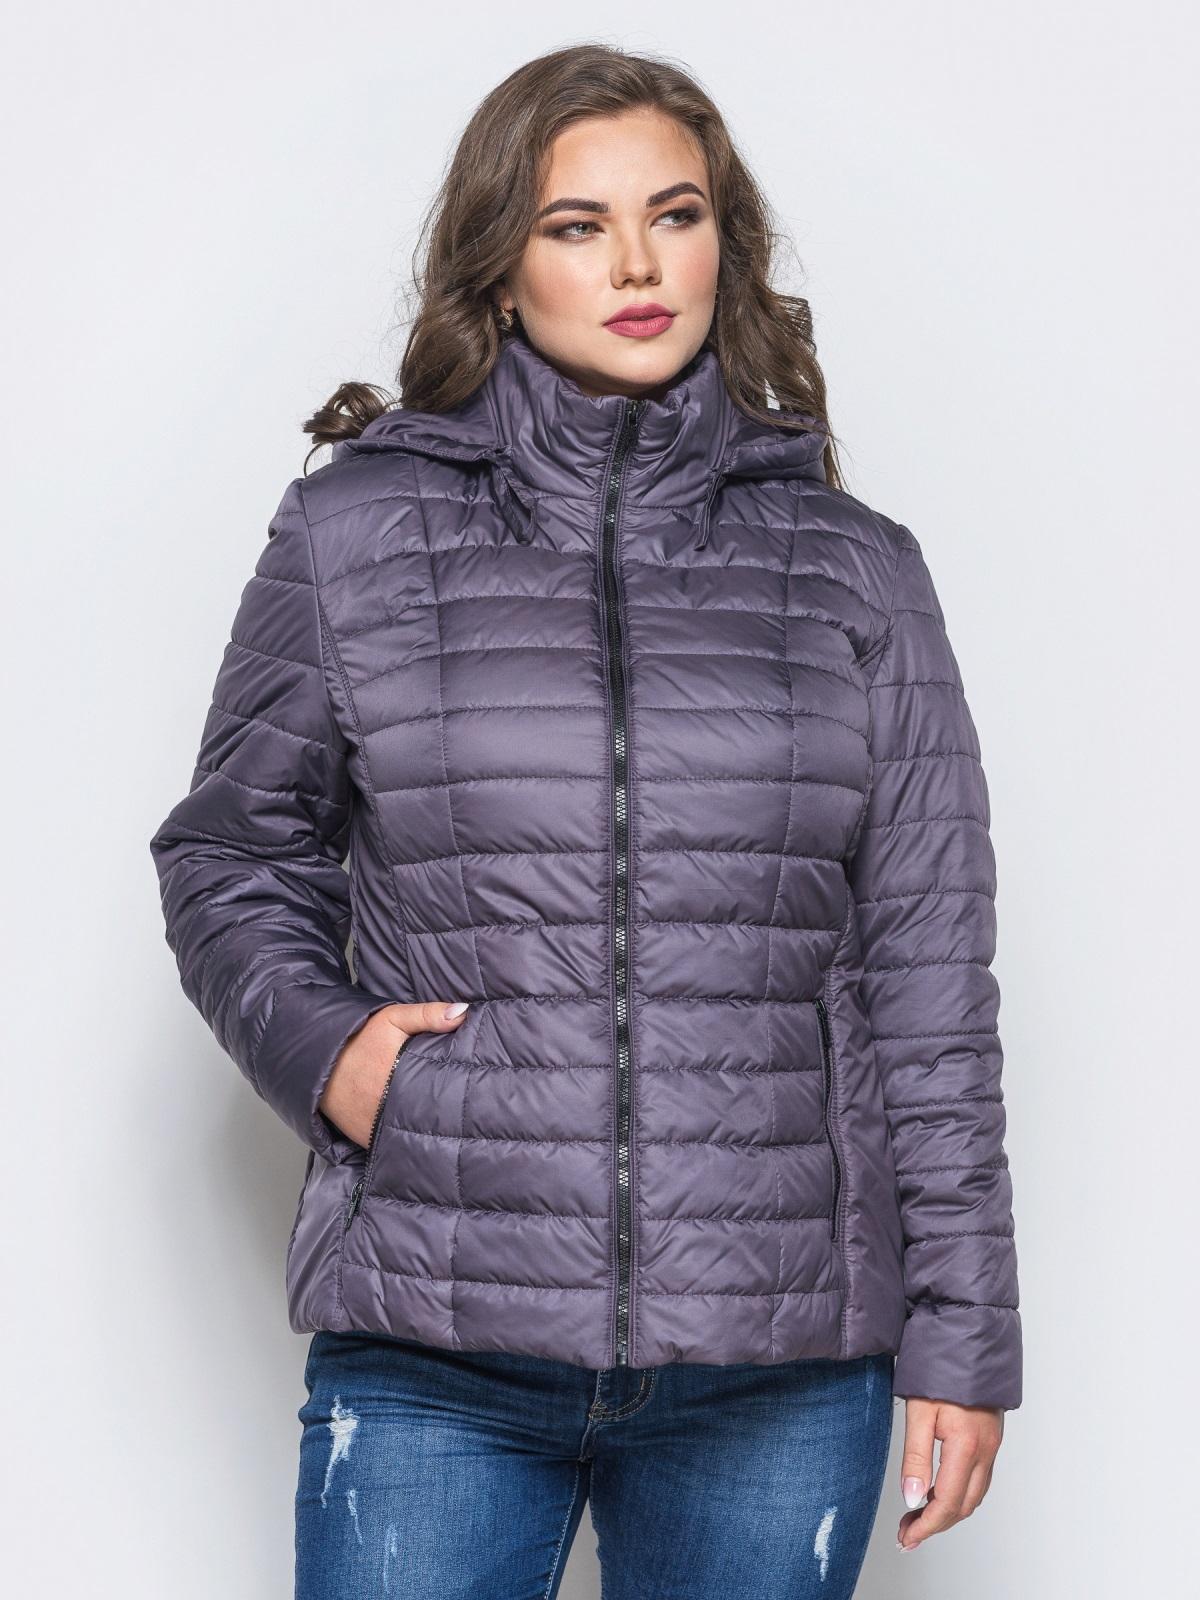 Серая демисезонная куртка батал с съемным капюшоном - 14715, фото 1 – интернет-магазин Dressa